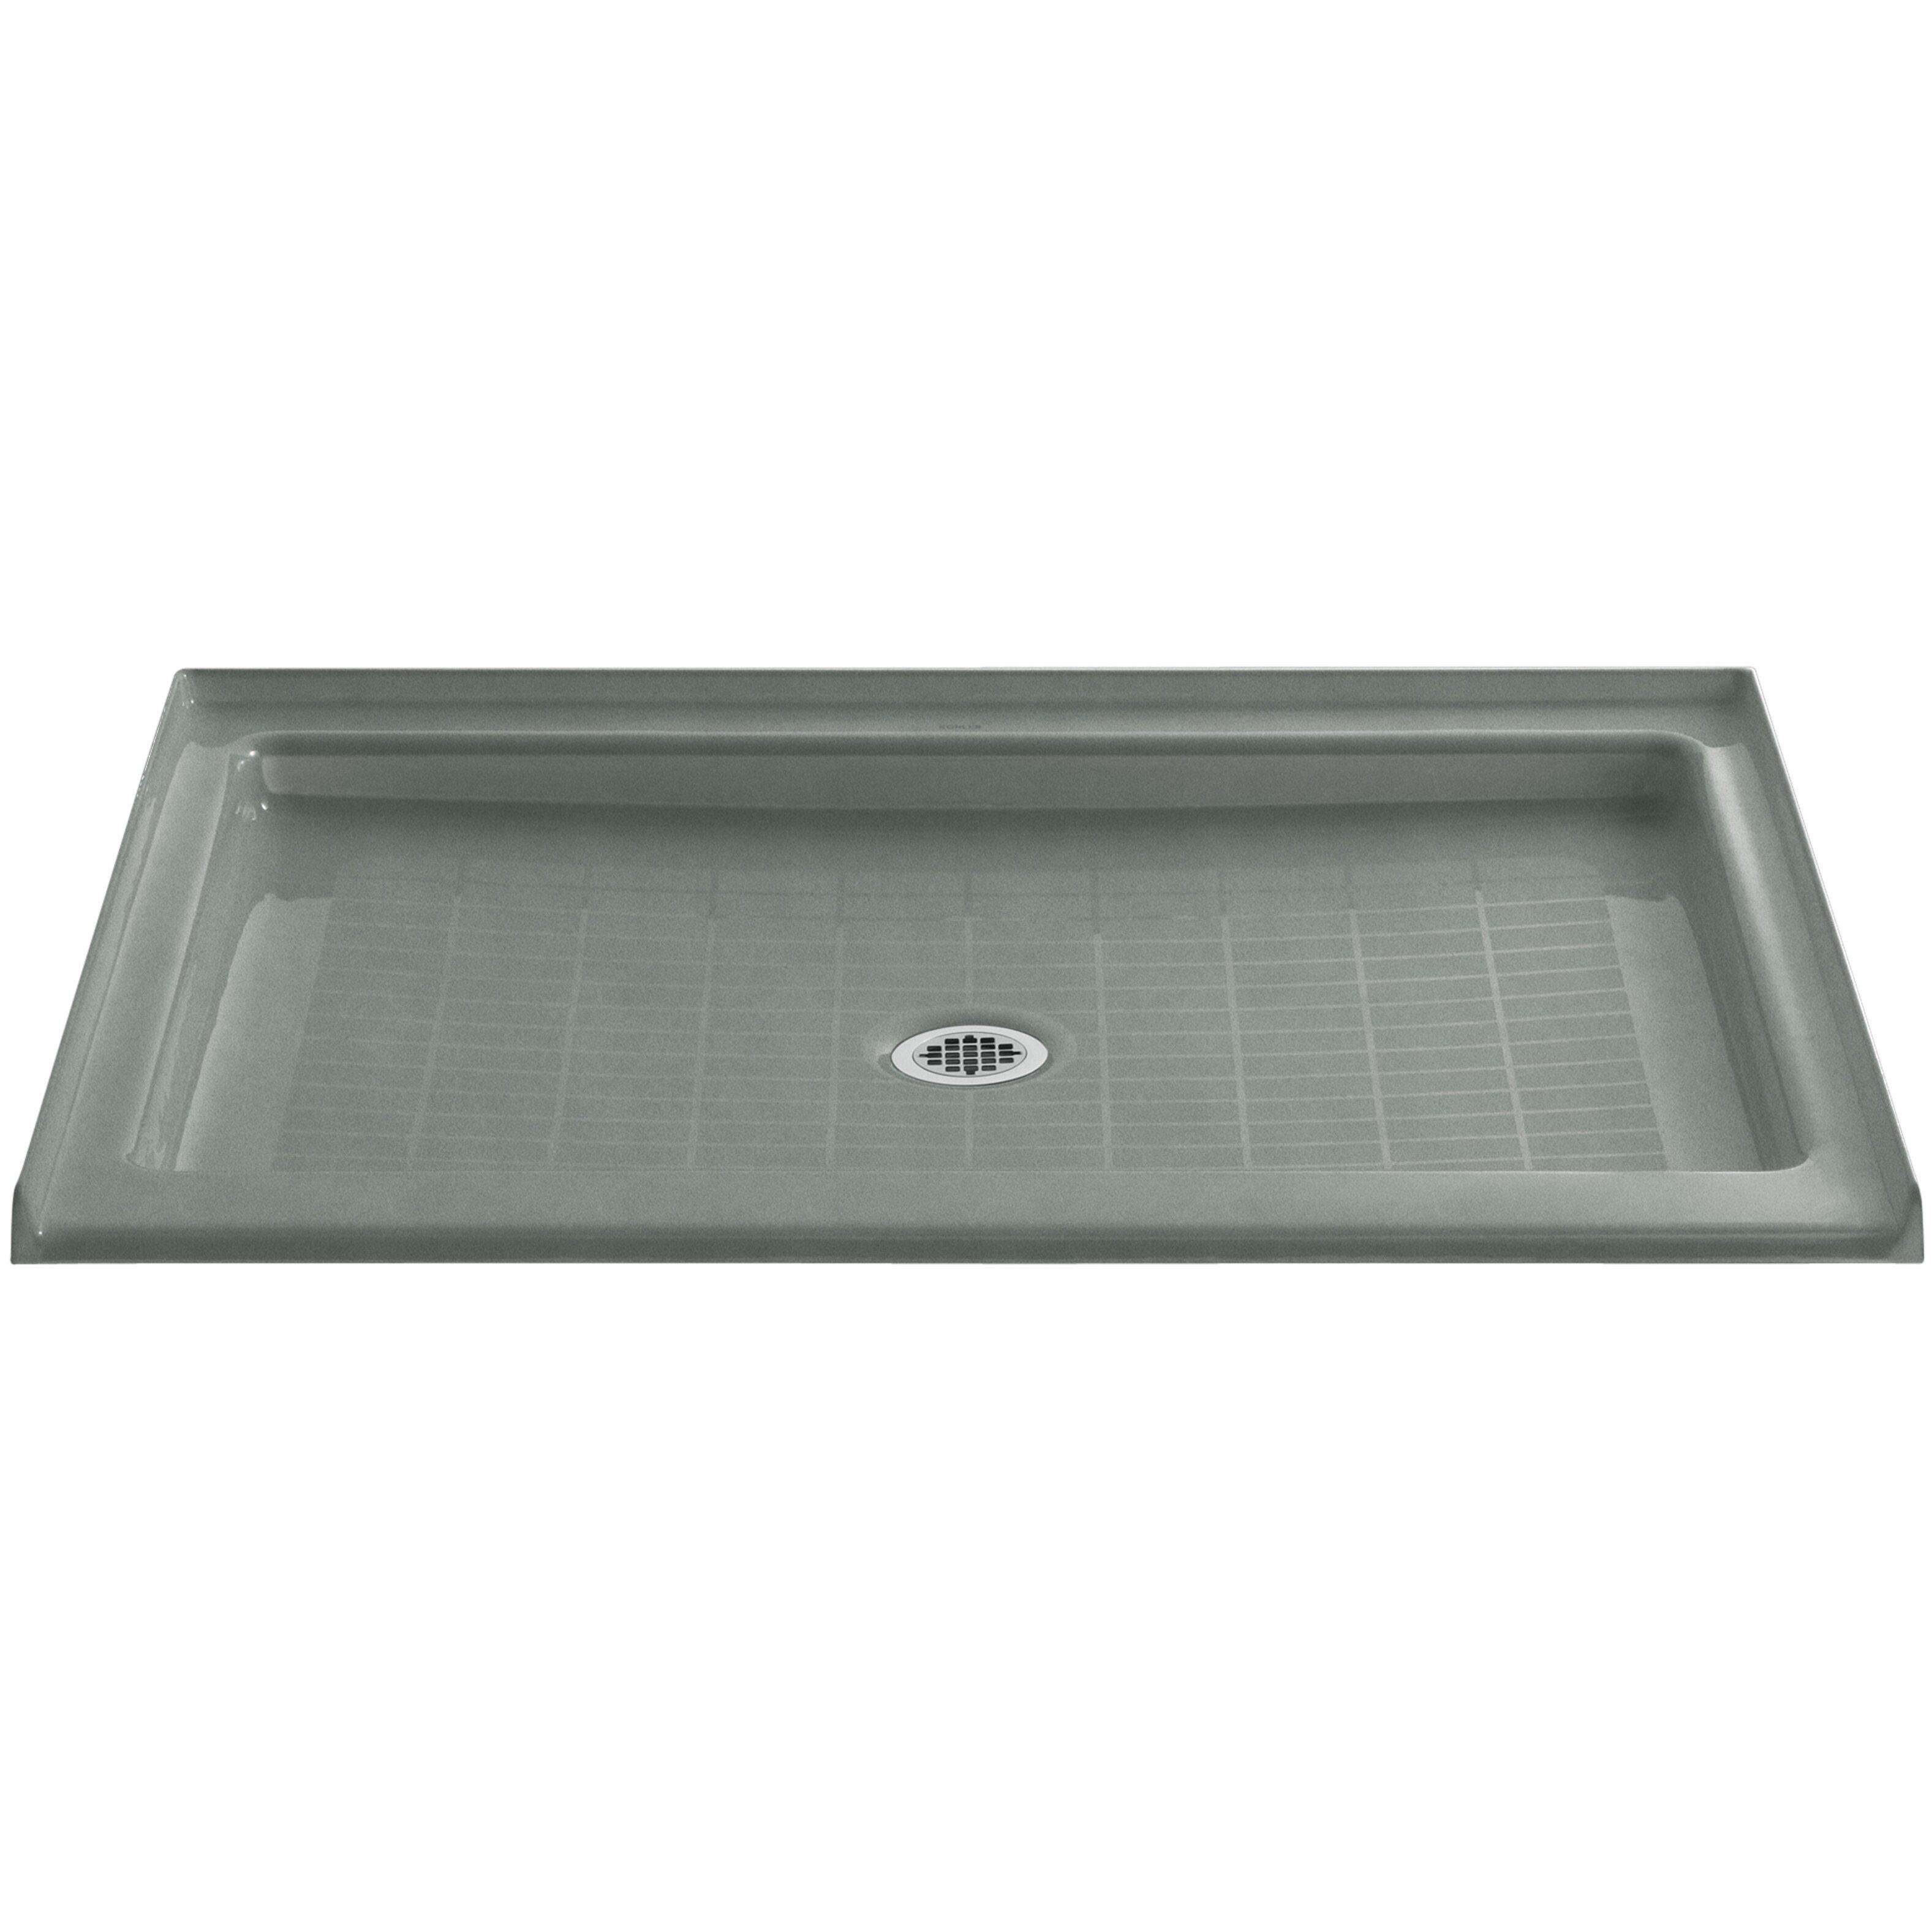 Kohler purist 48 x 36 single threshold center drain shower base reviews wayfair for Fenetre 36 x 48